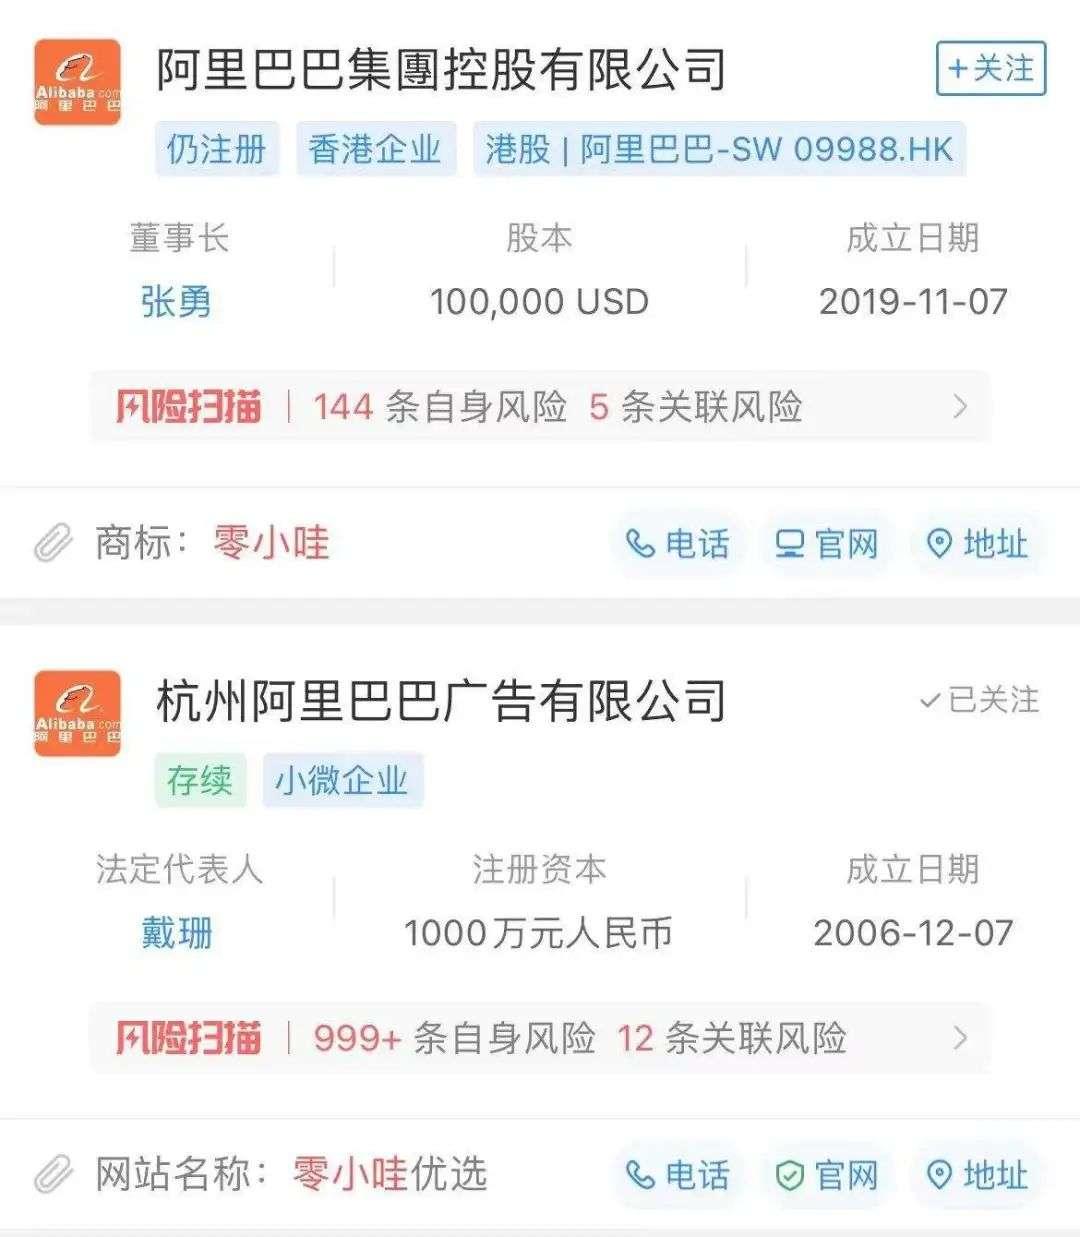 阿里社区团购曝光:名叫零小哇,首站剑指河南三城,P11领队,向逍遥子汇报插图(1)